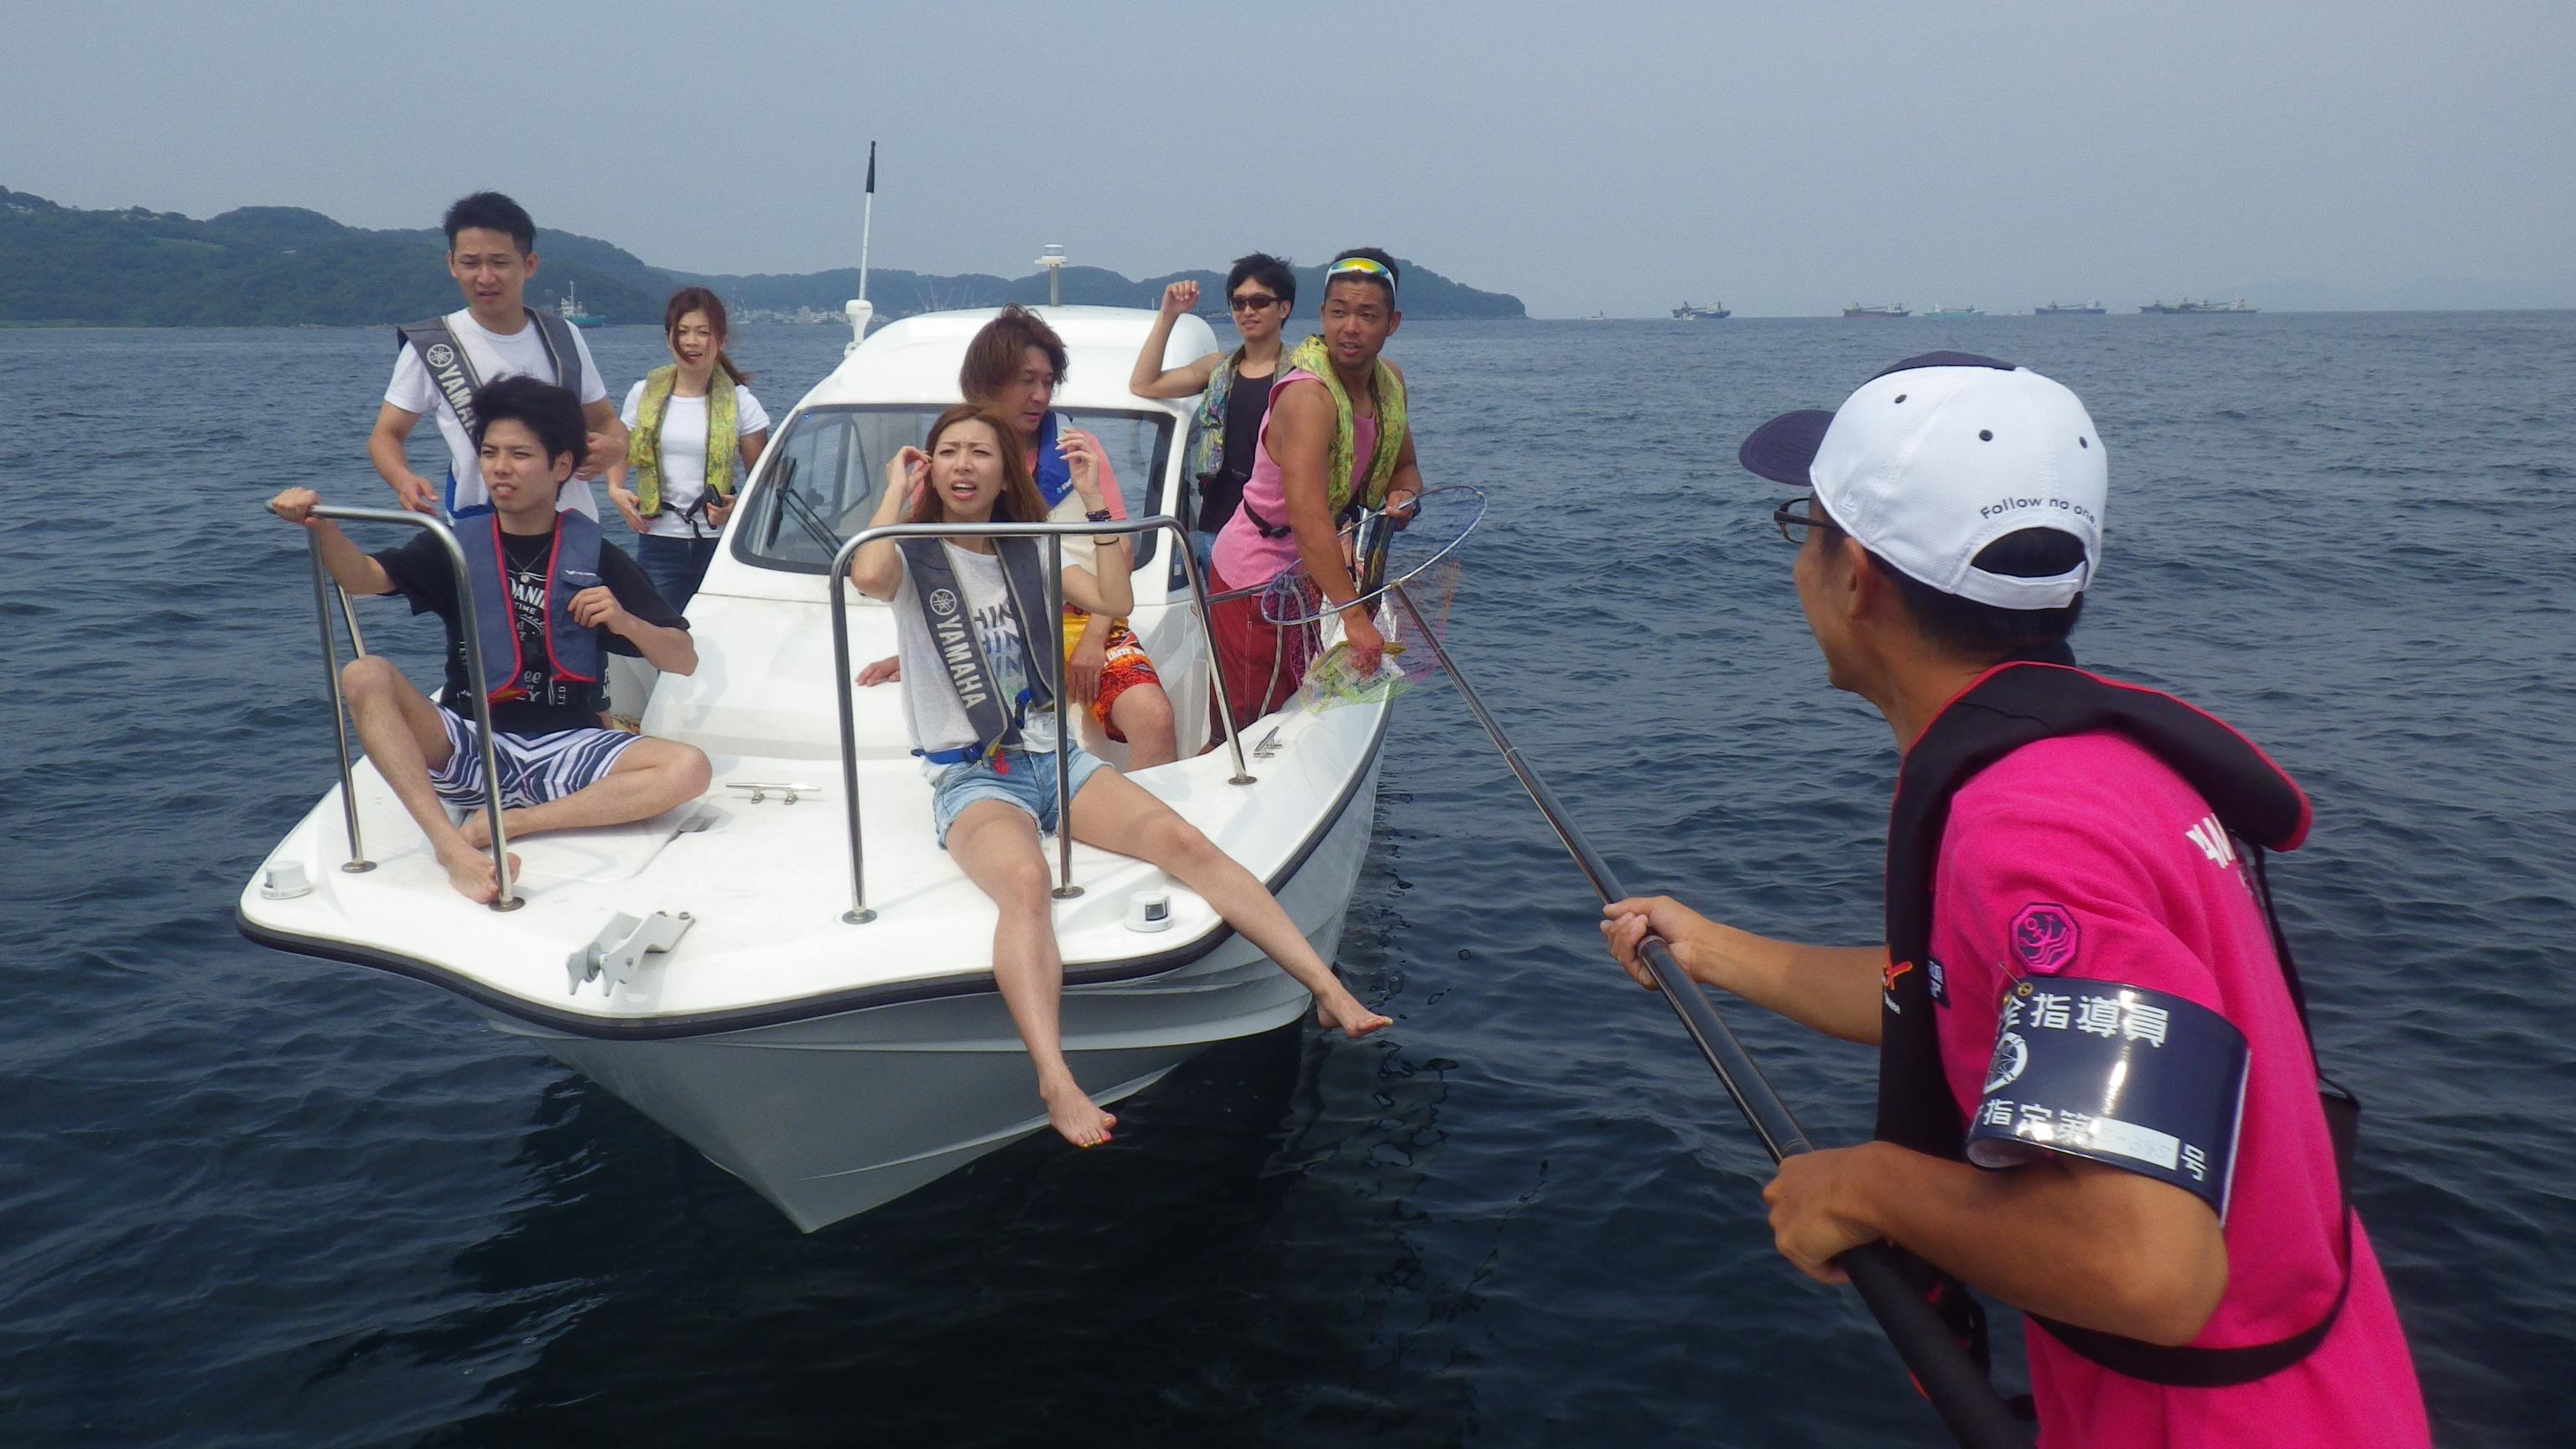 海遊び中のスタッフと遭遇!安全指導しました